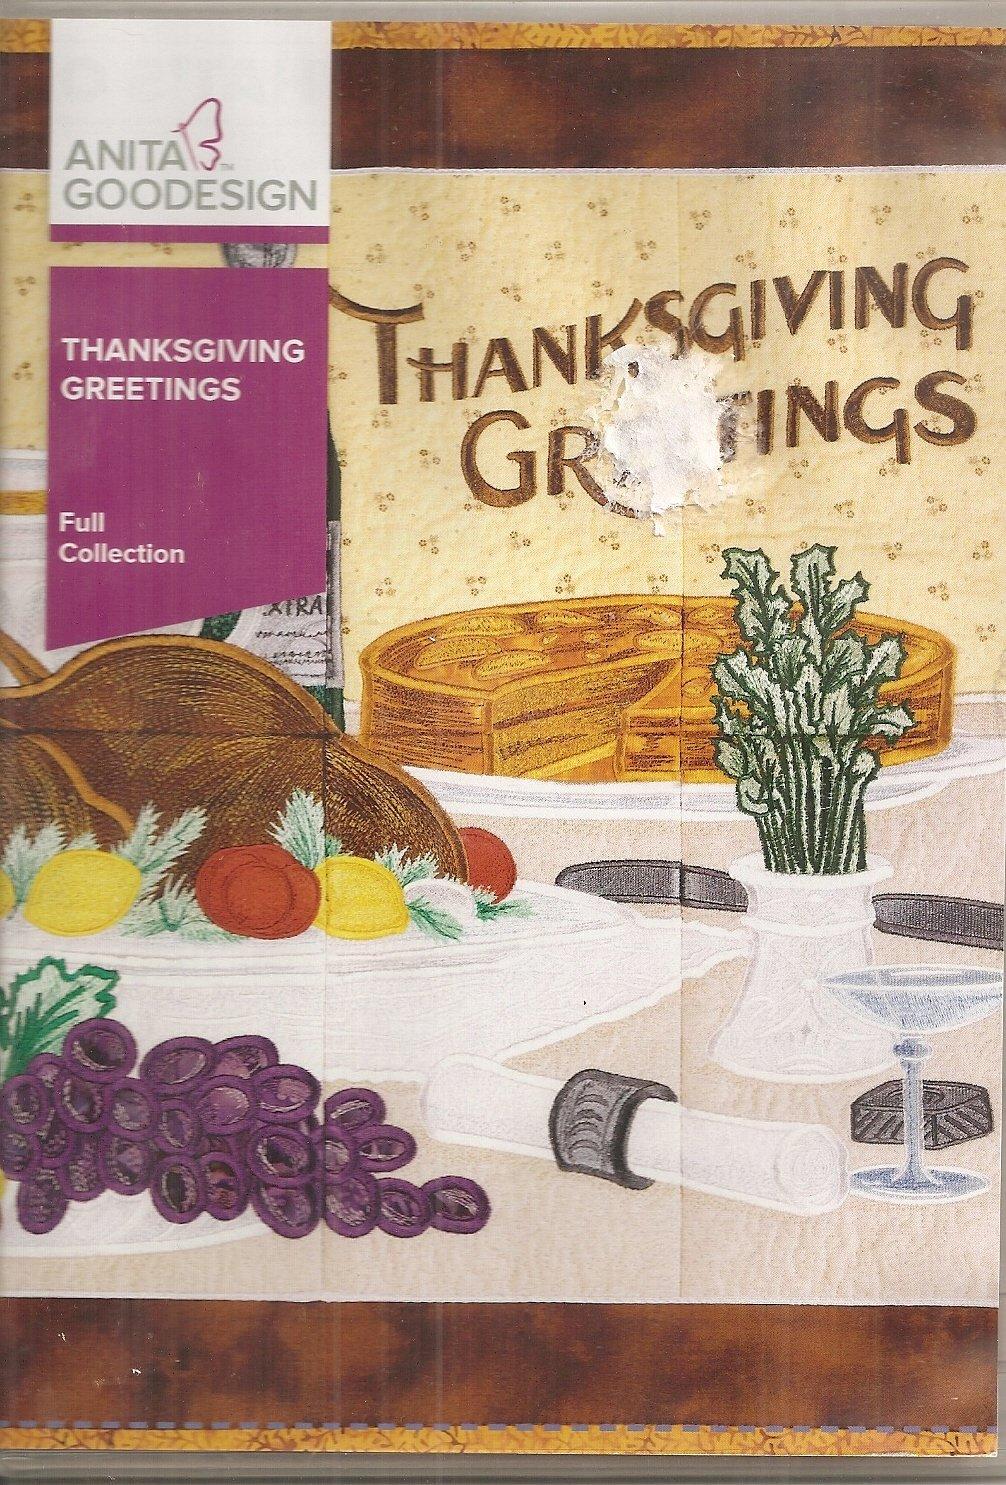 Anita Goodesign Full Collection Thanksgiving Greetings